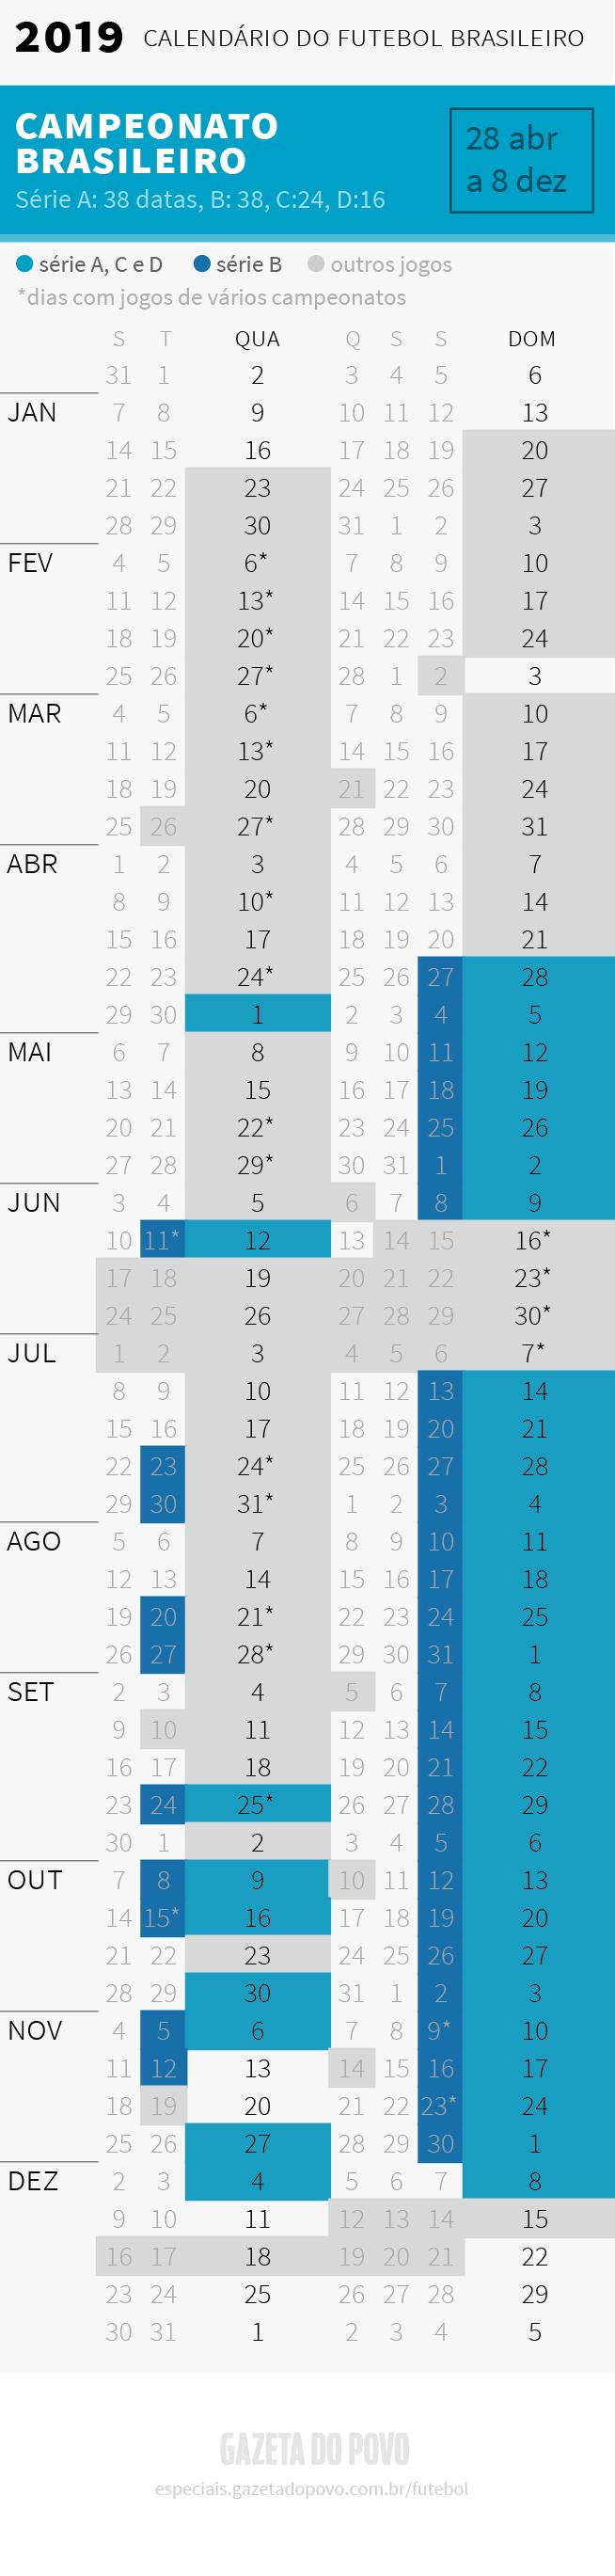 Calendario Do Brasileirao 2019 Futebol